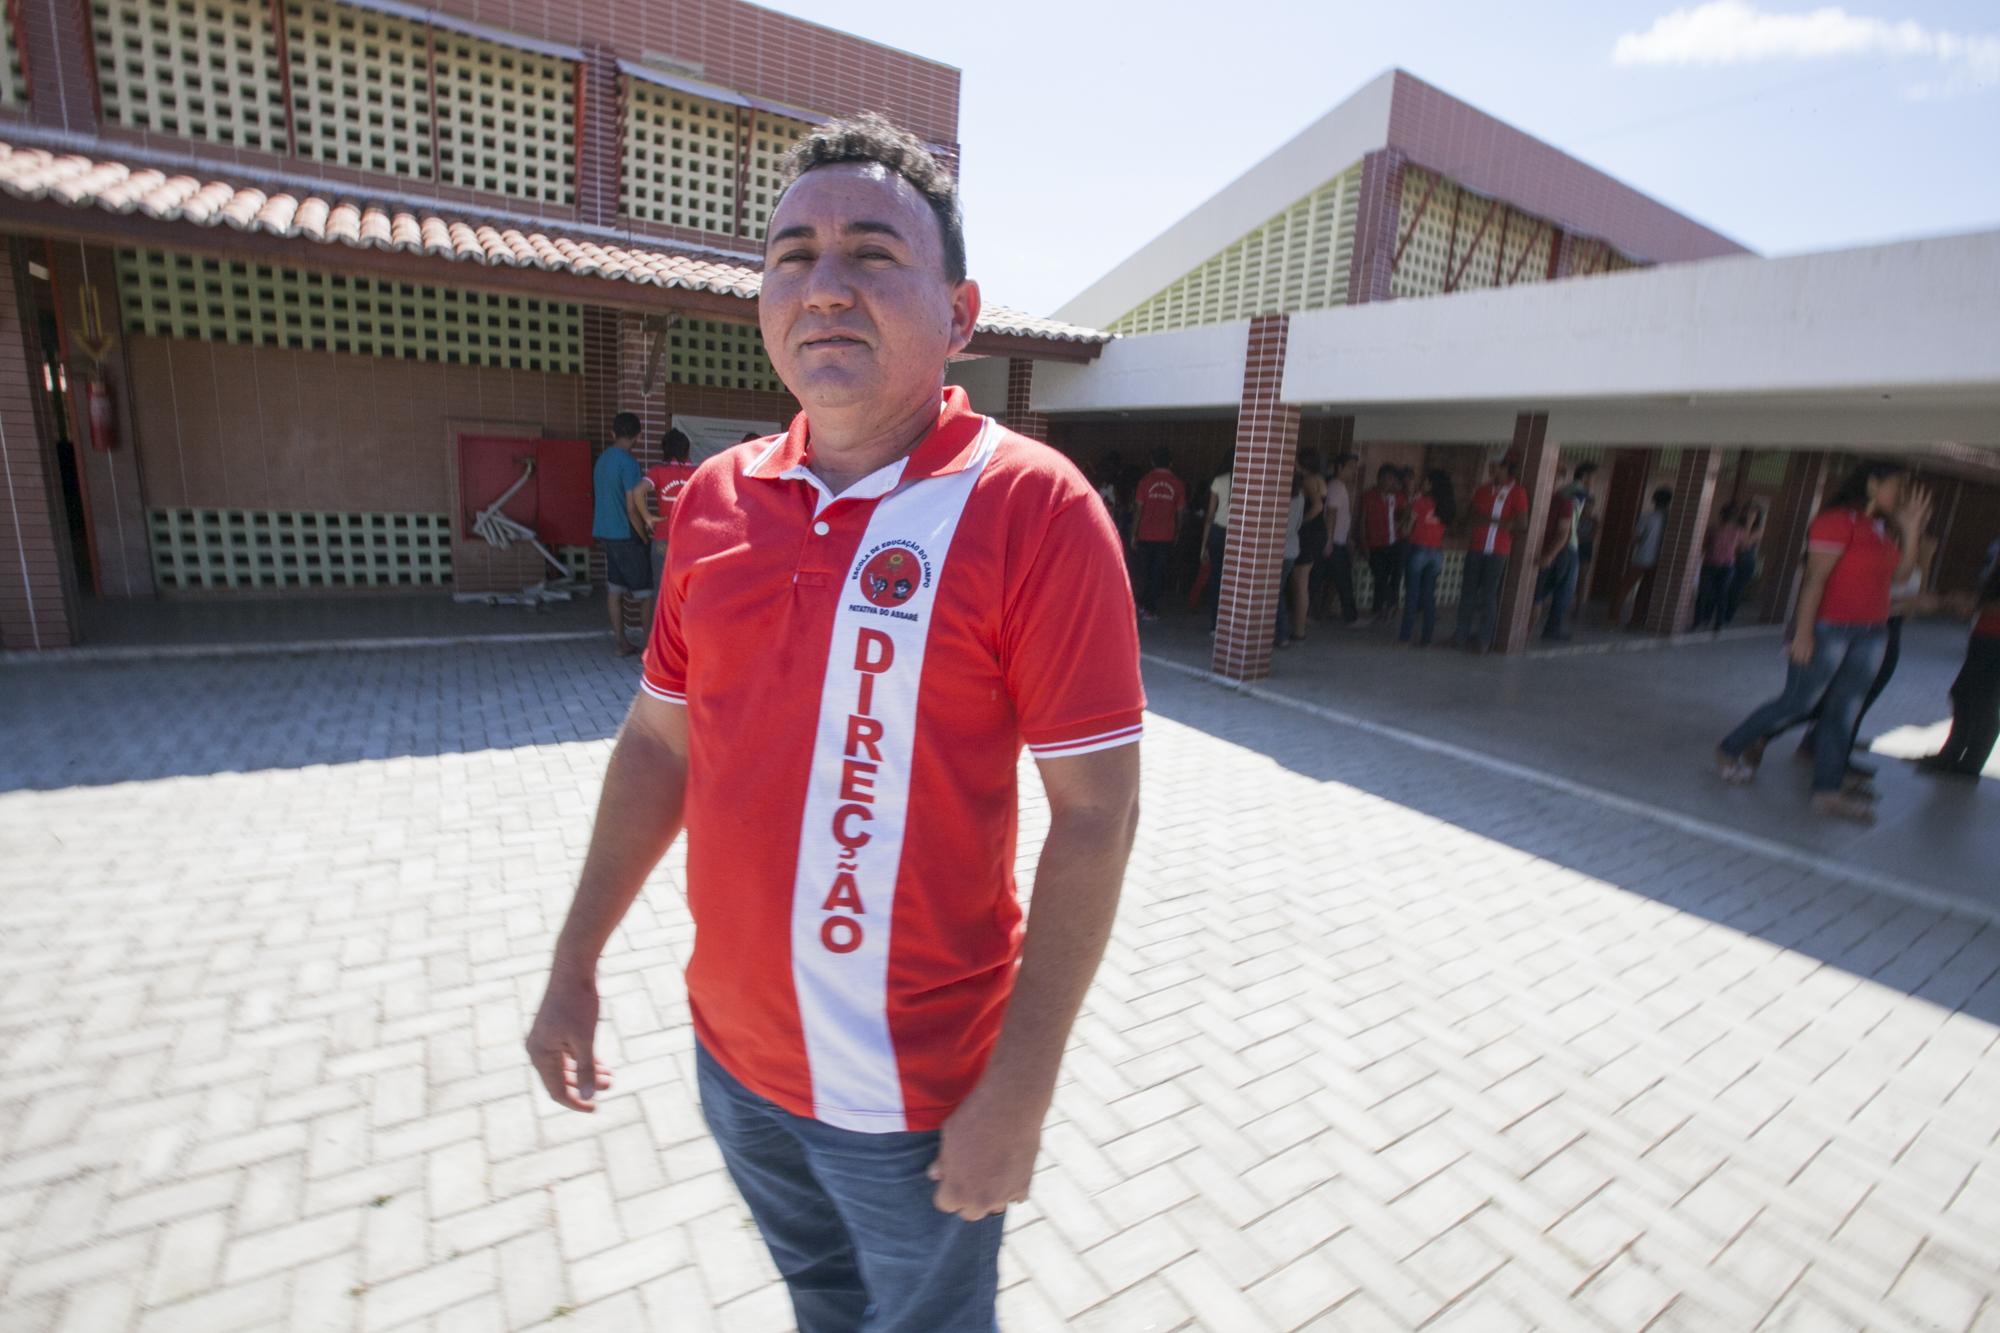 A unidade, localizada no assentamento Santana de Cal, tem capacidade para atender até 540 alunos, e foi construída, mobiliada e equipada com recursos estaduais e federais, somando investimento de R$ 4,1 milhões. Outras quatro escolas similares estão sendo construídas na região